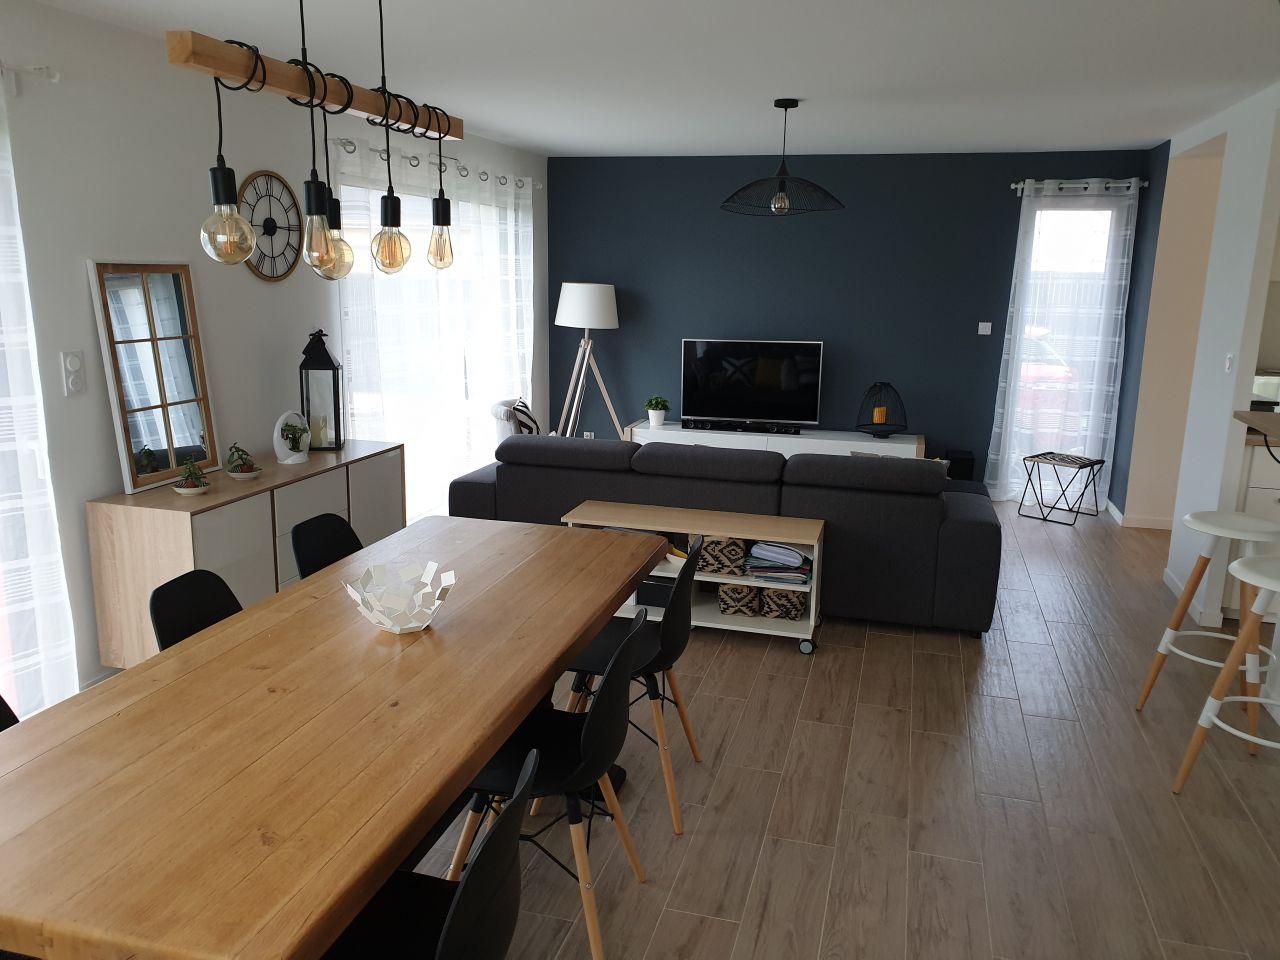 Vue d'ensemble, salle à manger/salon , version 2.0